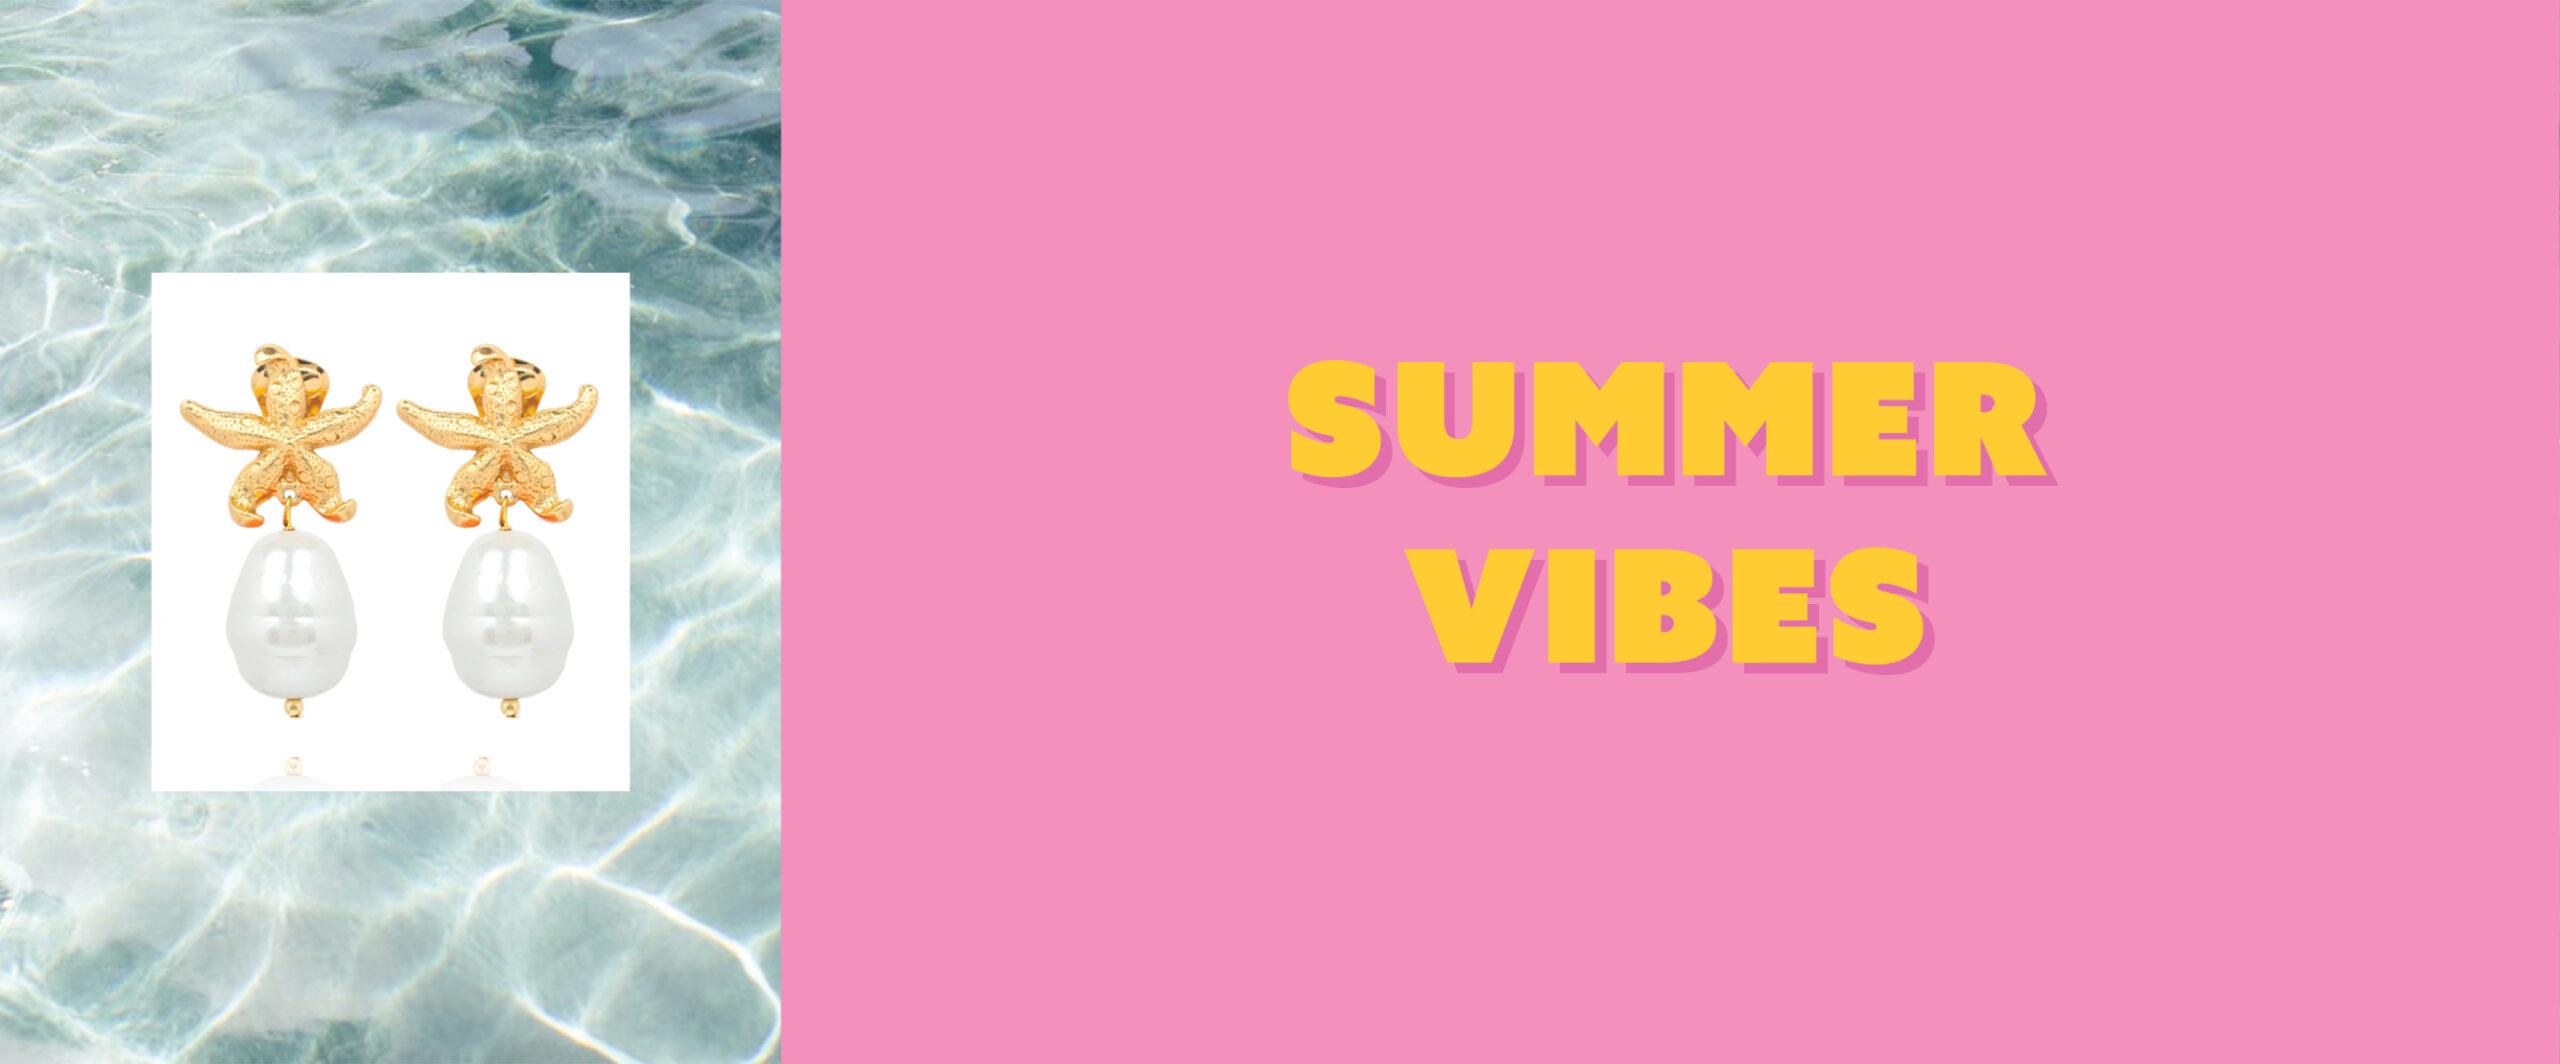 summervibes-yellow2